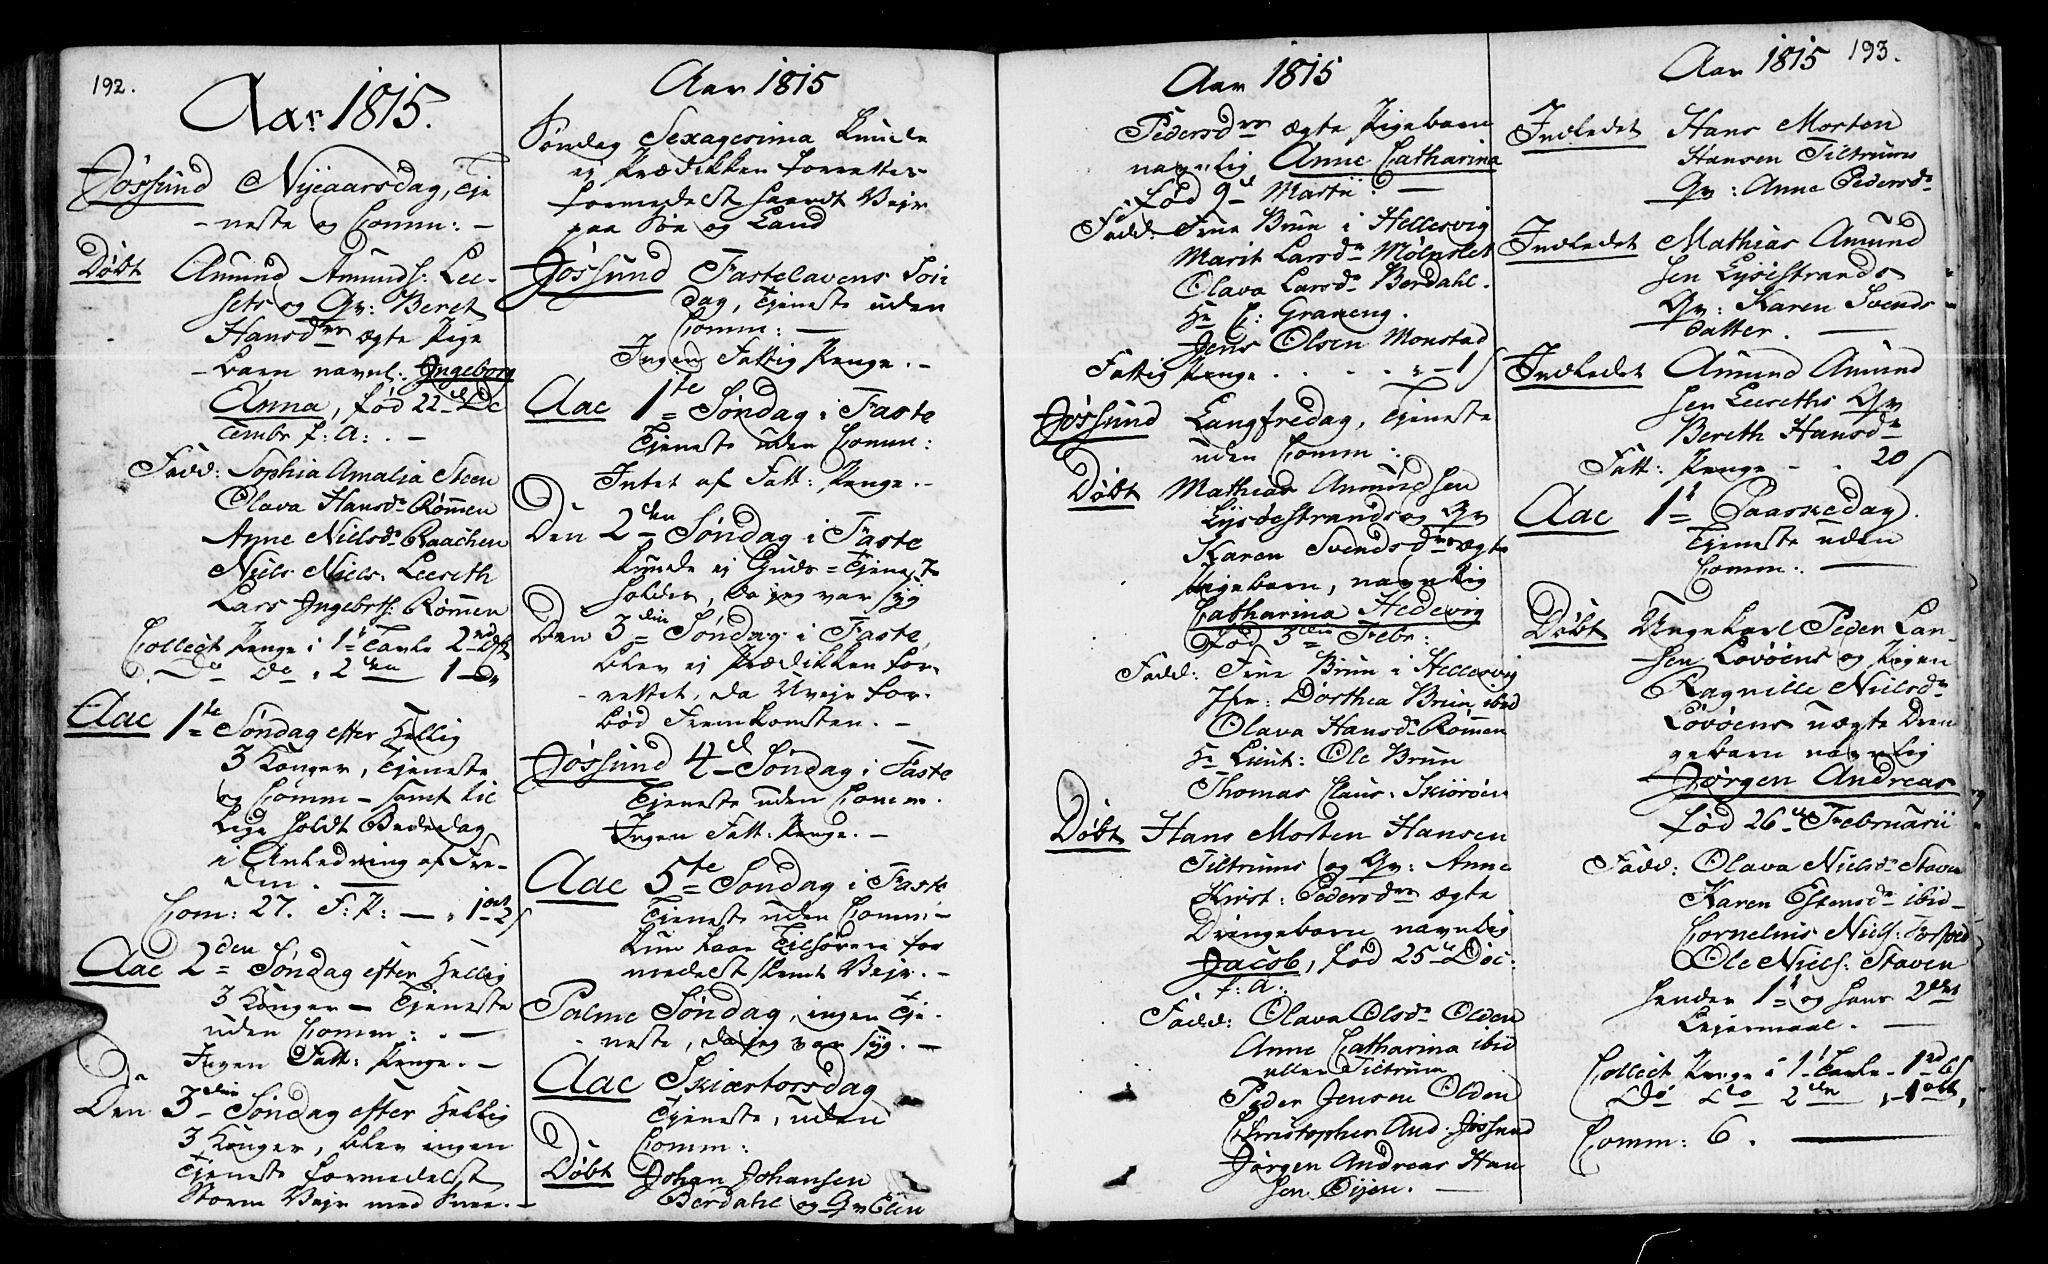 SAT, Ministerialprotokoller, klokkerbøker og fødselsregistre - Sør-Trøndelag, 655/L0674: Ministerialbok nr. 655A03, 1802-1826, s. 192-193